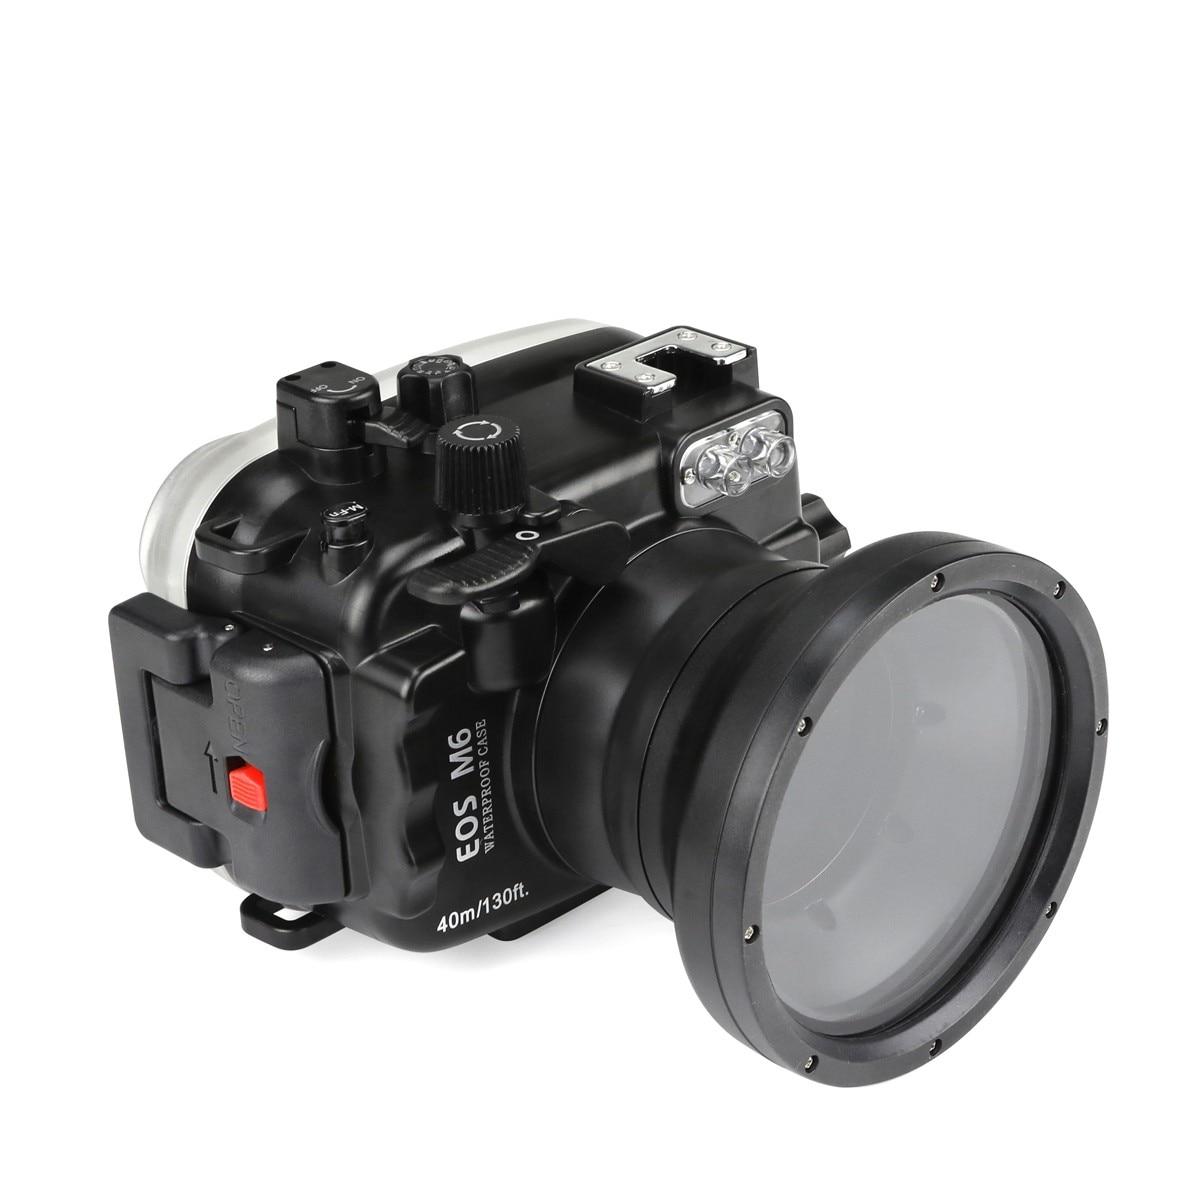 Fonds marins 40 m/130ft boîtier de plongée sous-marine pour Canon EOS M6 (18-55 MM) étui étanche pour appareil photo Canon EOS M6